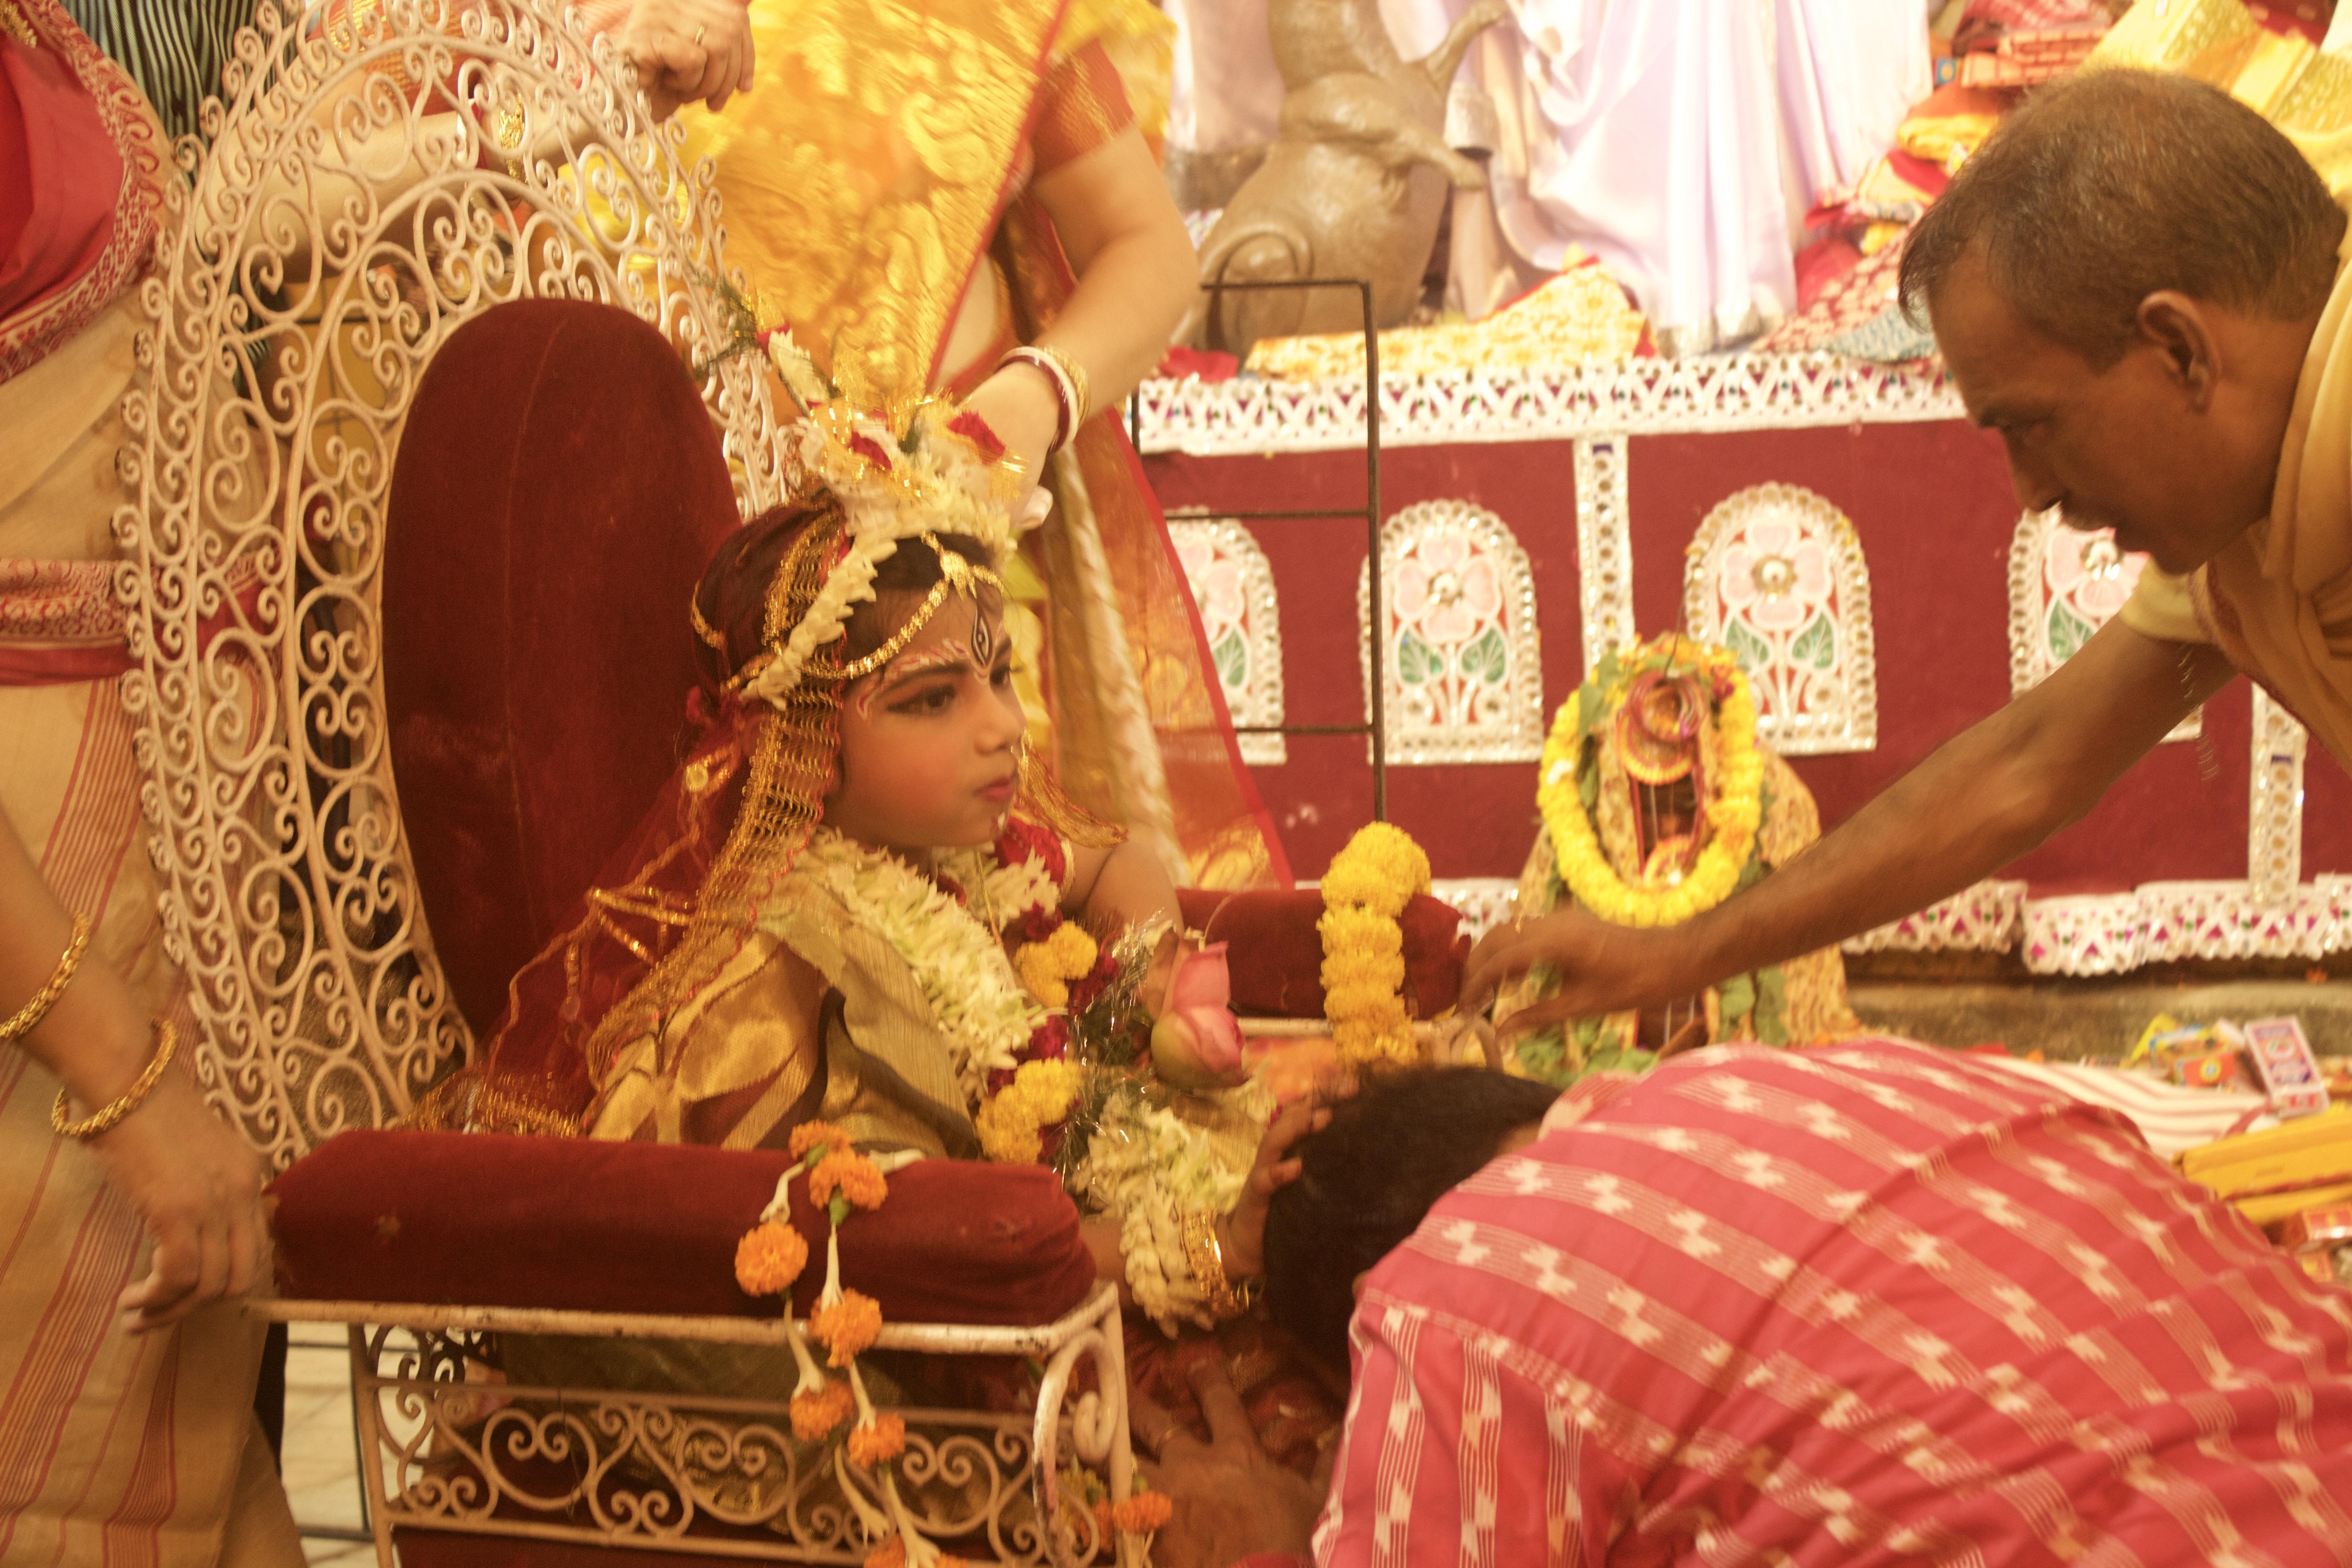 During Kumari Puja